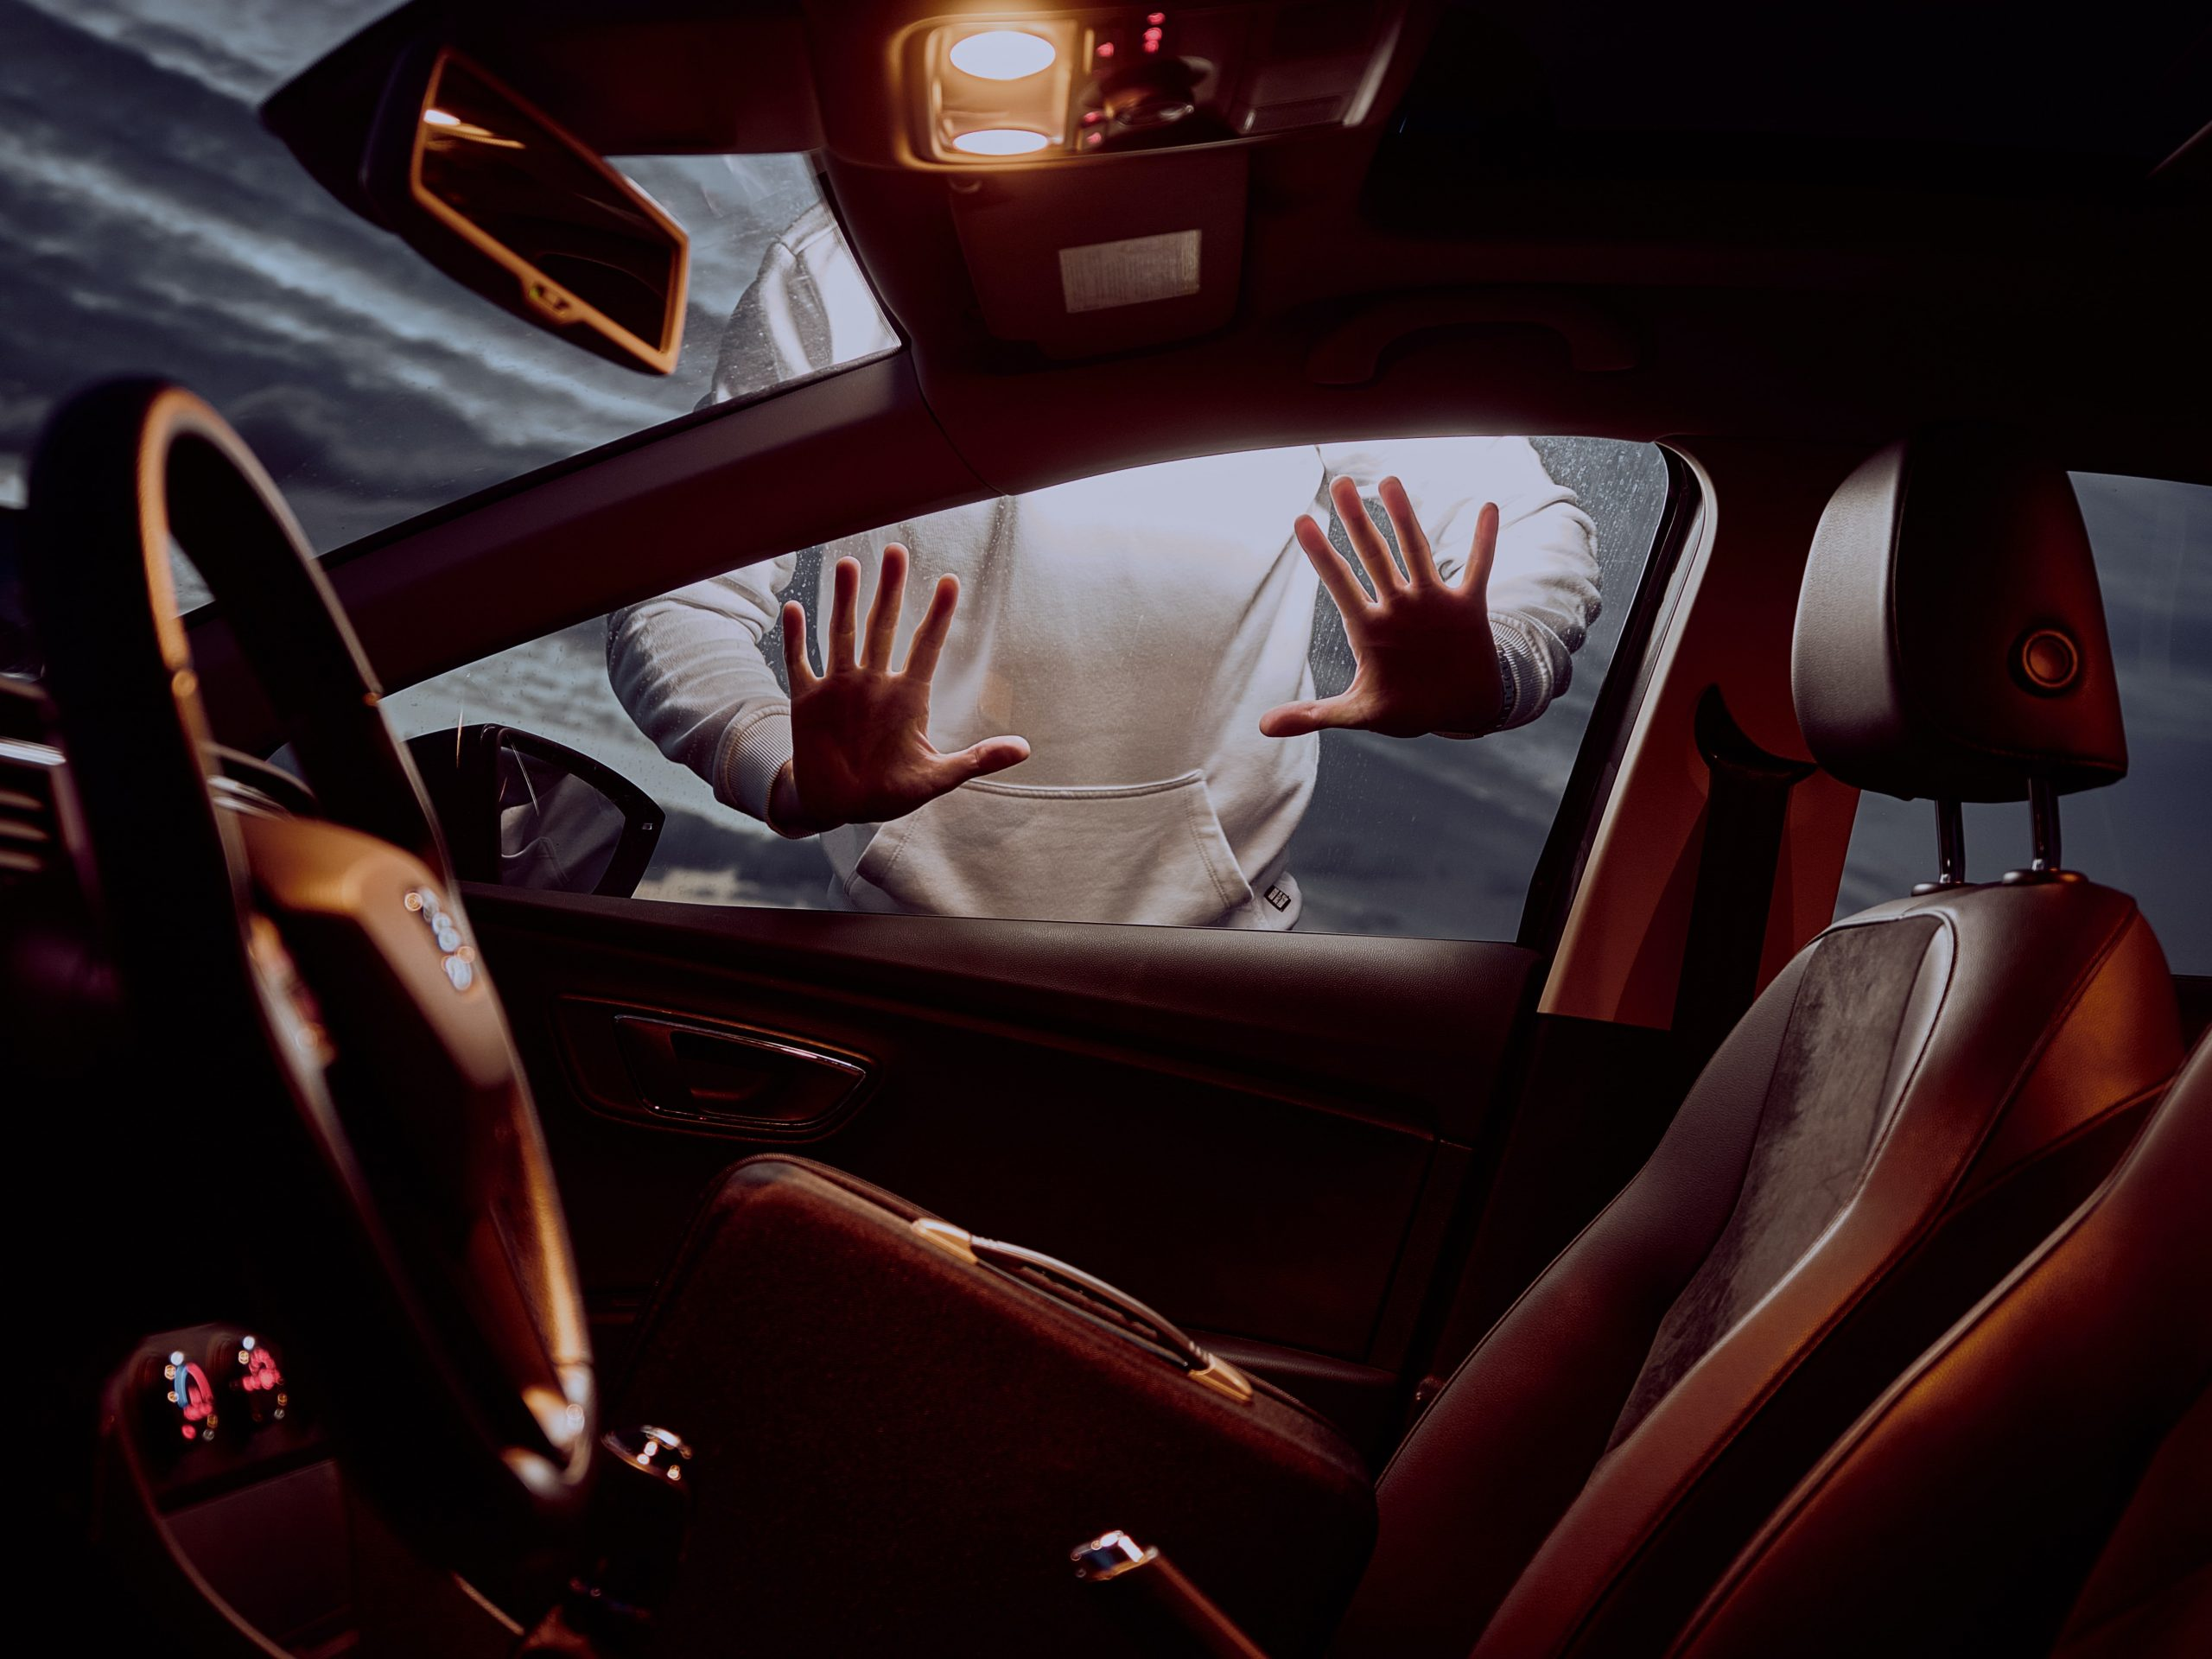 Hoț să fii, ghinion să ai! Suspect de cinci furturi din mașini prins în traficul din București